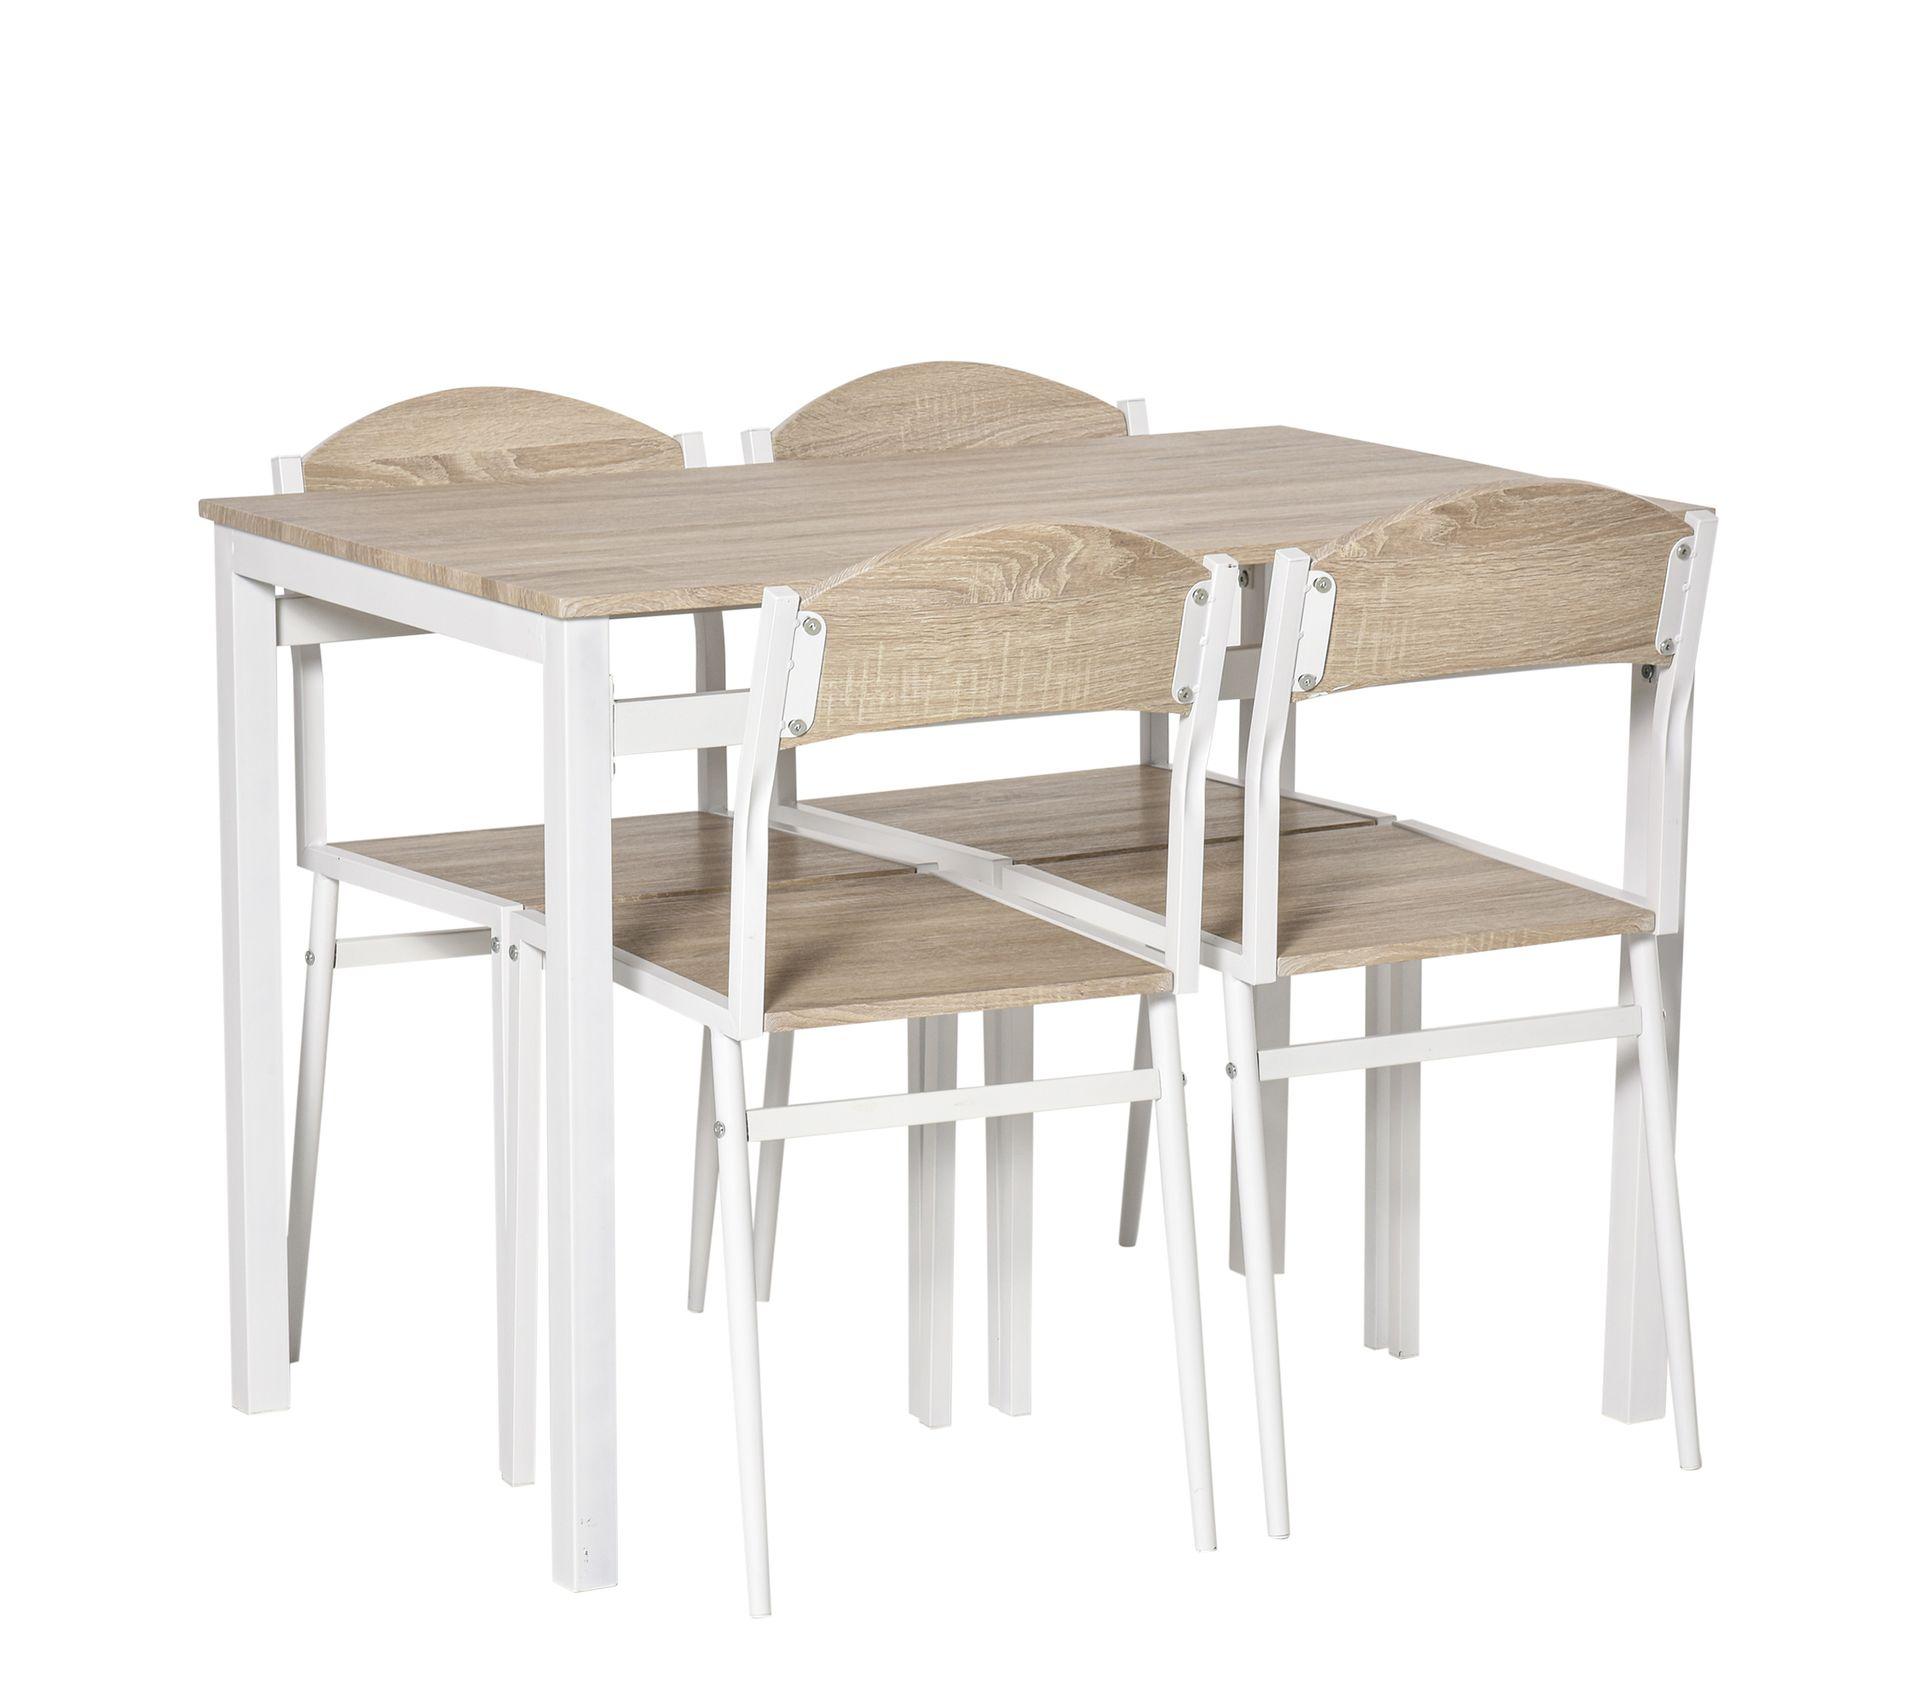 Table Pour Salle À Manger table de salle À manger avec 4 chaises style contemporain acier blanc mdf  coloris bois de chêne